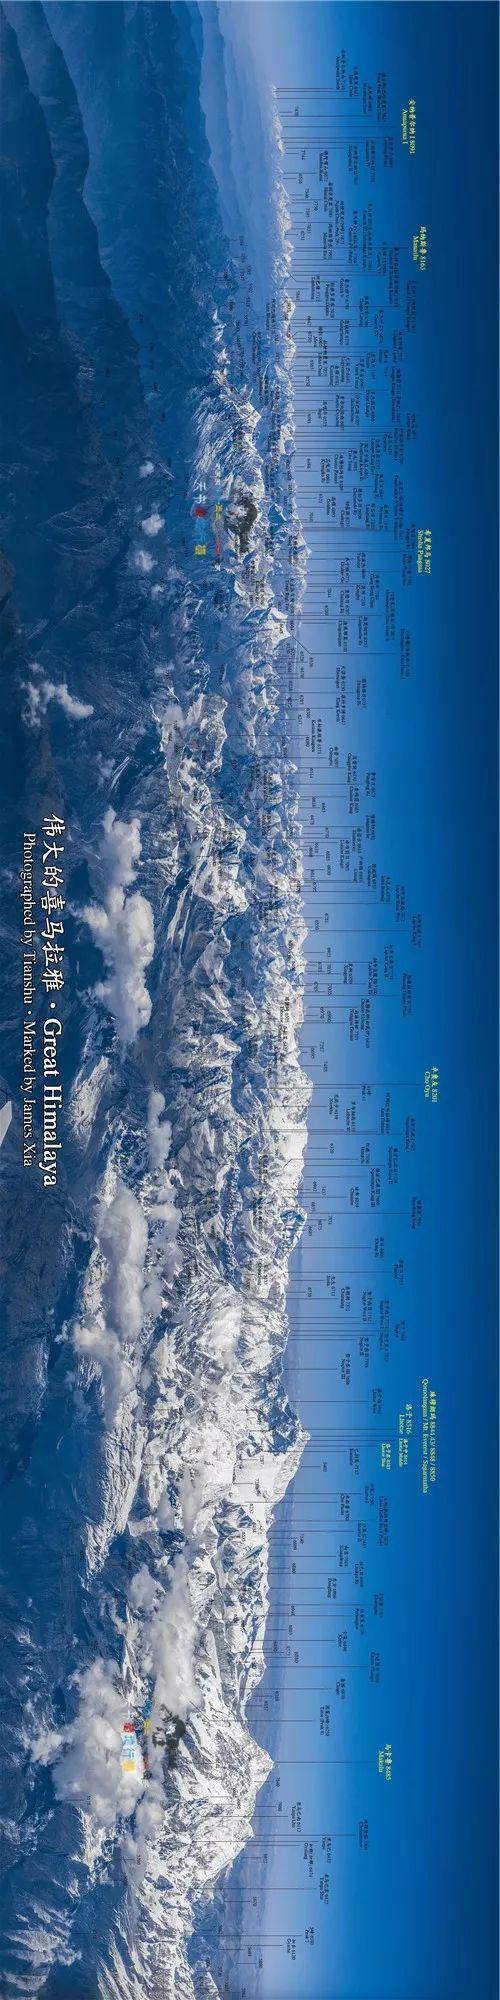 川大教授拍出震撼喜马拉雅山脉雪山图 网友赞伟大|喜马拉雅